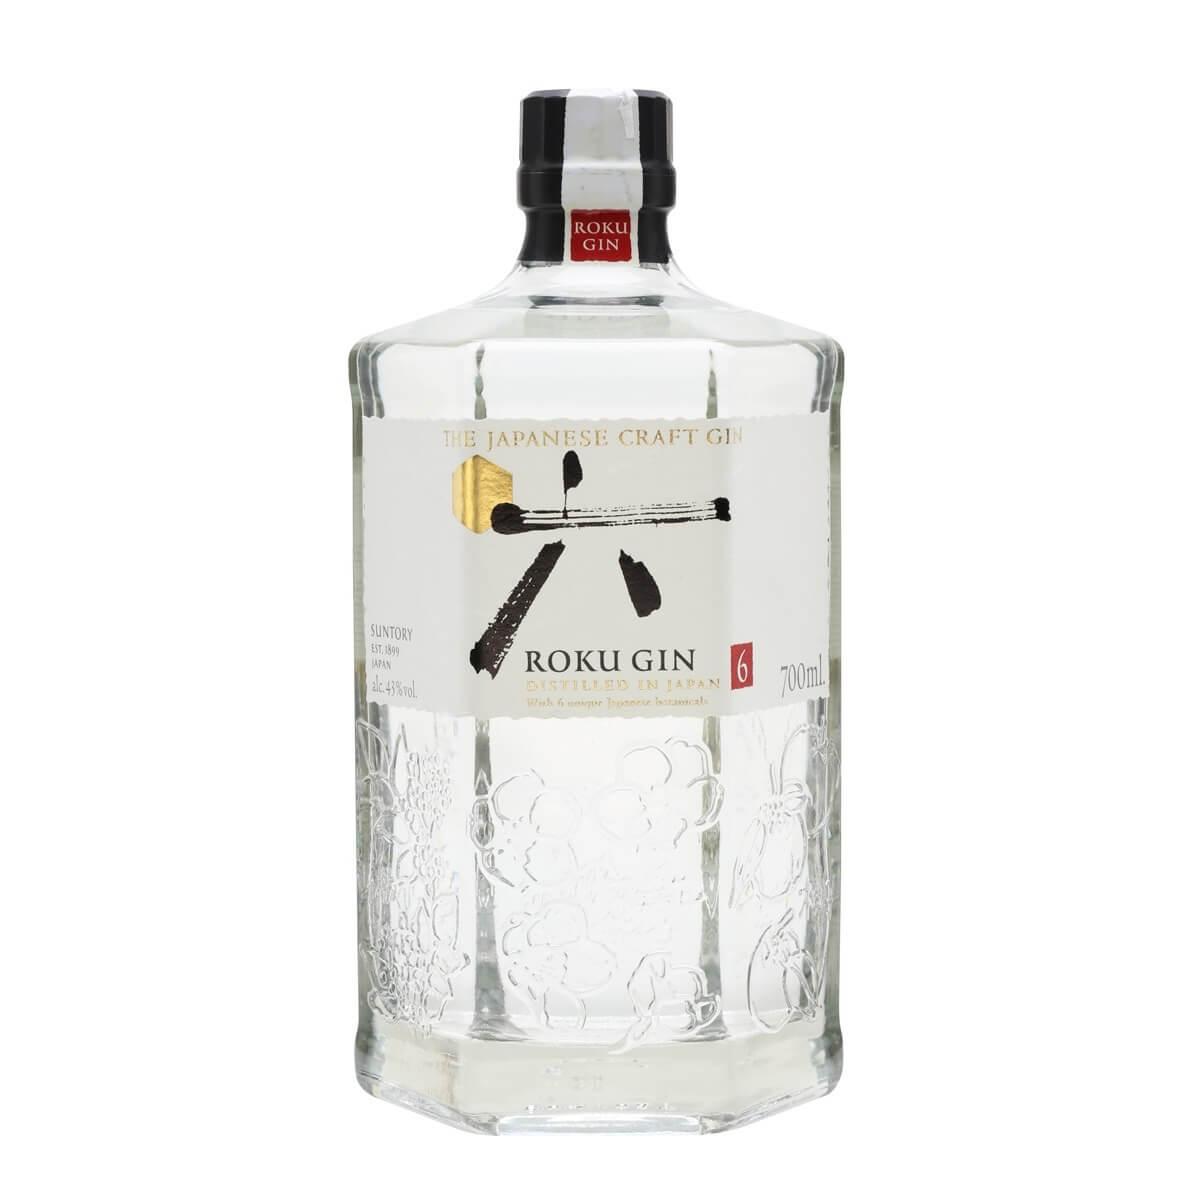 b83ed824e94 Få Roku gin 43% til kun 259,- Luksusgin fra Japan til Danmarks bedste pris